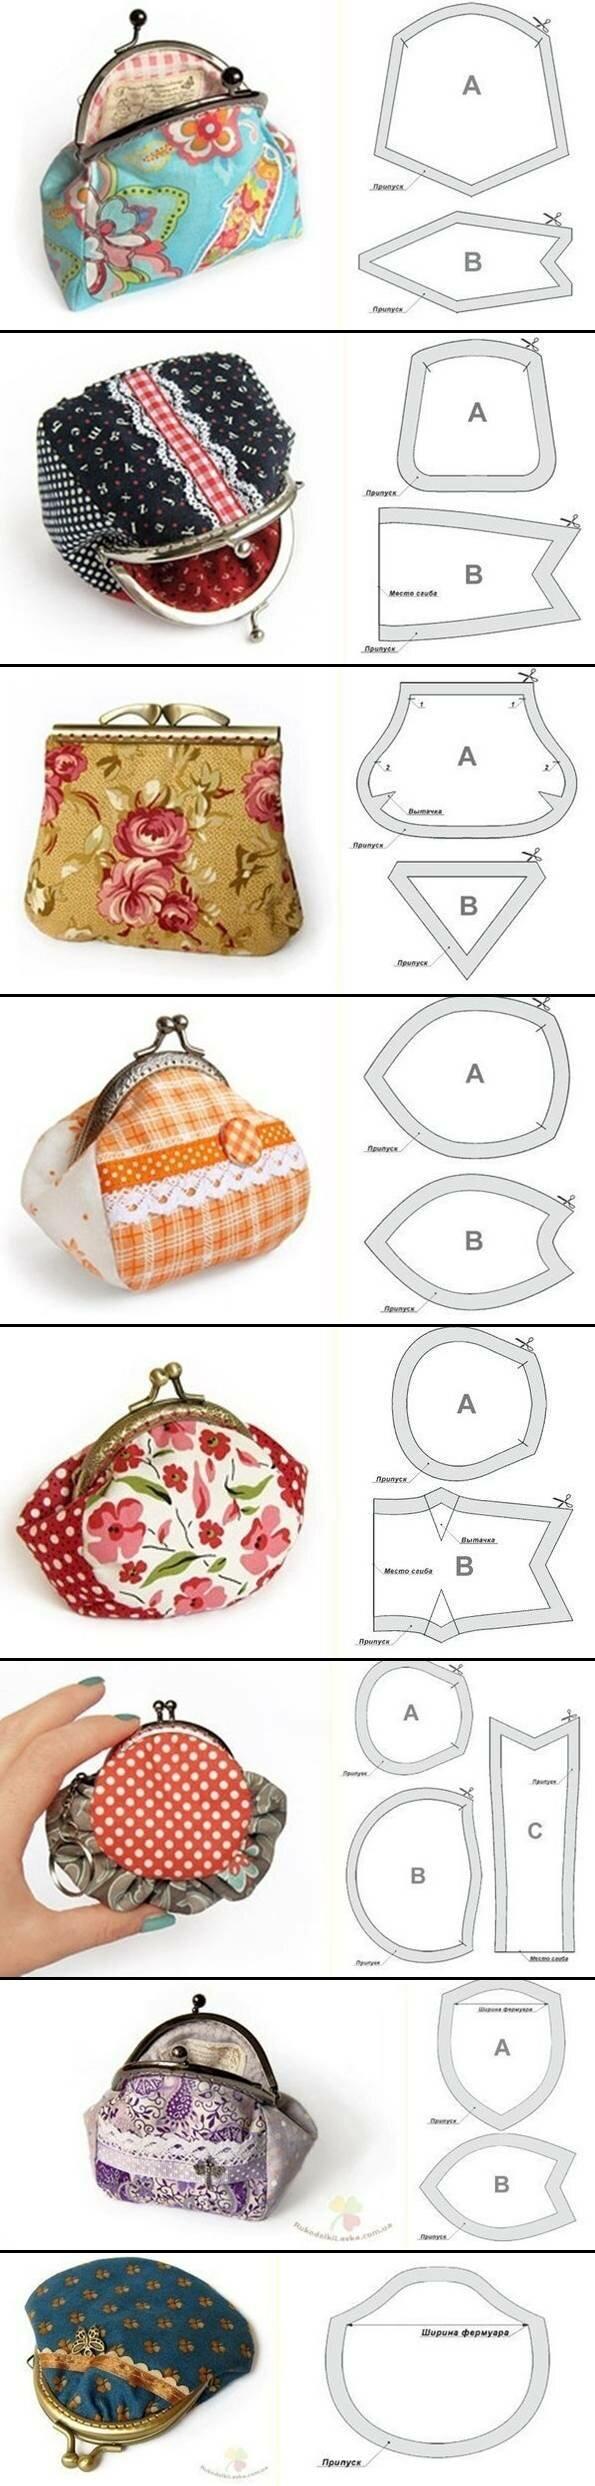 Сшить сумку с фермуаром мастер класс разные модели